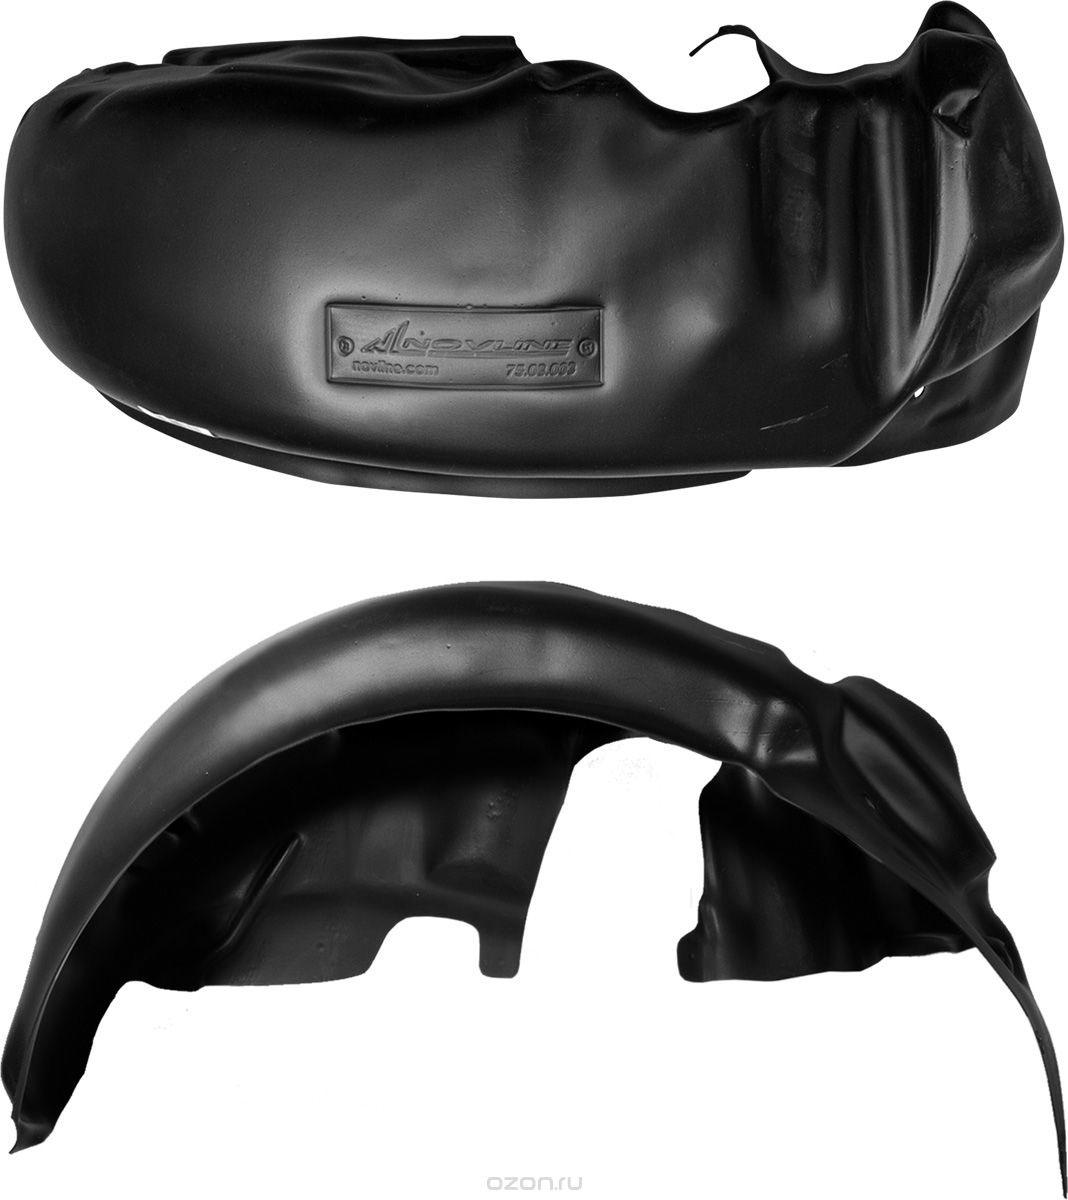 Подкрылок Novline-Autofamily, для Toyota Corolla, 01/2007-2010, 2010-2013, передний левыйNLL.48.15.001Идеальная защита колесной ниши. Локеры разработаны с применением цифровых технологий, гарантируют максимальную повторяемость поверхности арки. Изделия устанавливаются без нарушения лакокрасочного покрытия автомобиля, каждый подкрылок комплектуется крепежом. Уважаемые клиенты, обращаем ваше внимание, что фотографии на подкрылки универсальные и не отражают реальную форму изделия. При этом само изделие идет точно под размер указанного автомобиля.